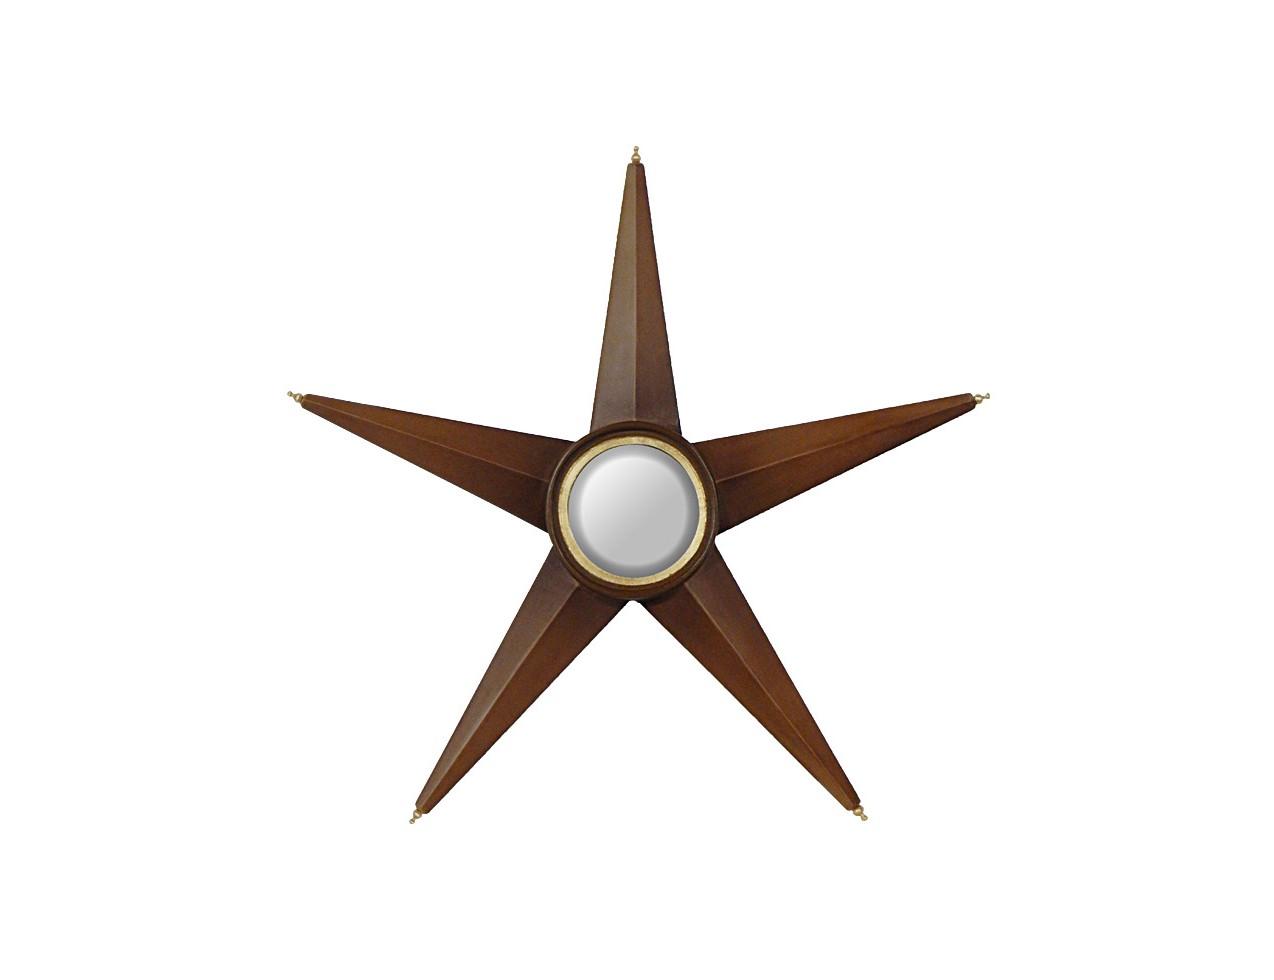 Зеркало StarburstНастенные зеркала<br><br><br>Material: Стекло<br>Глубина см: 14